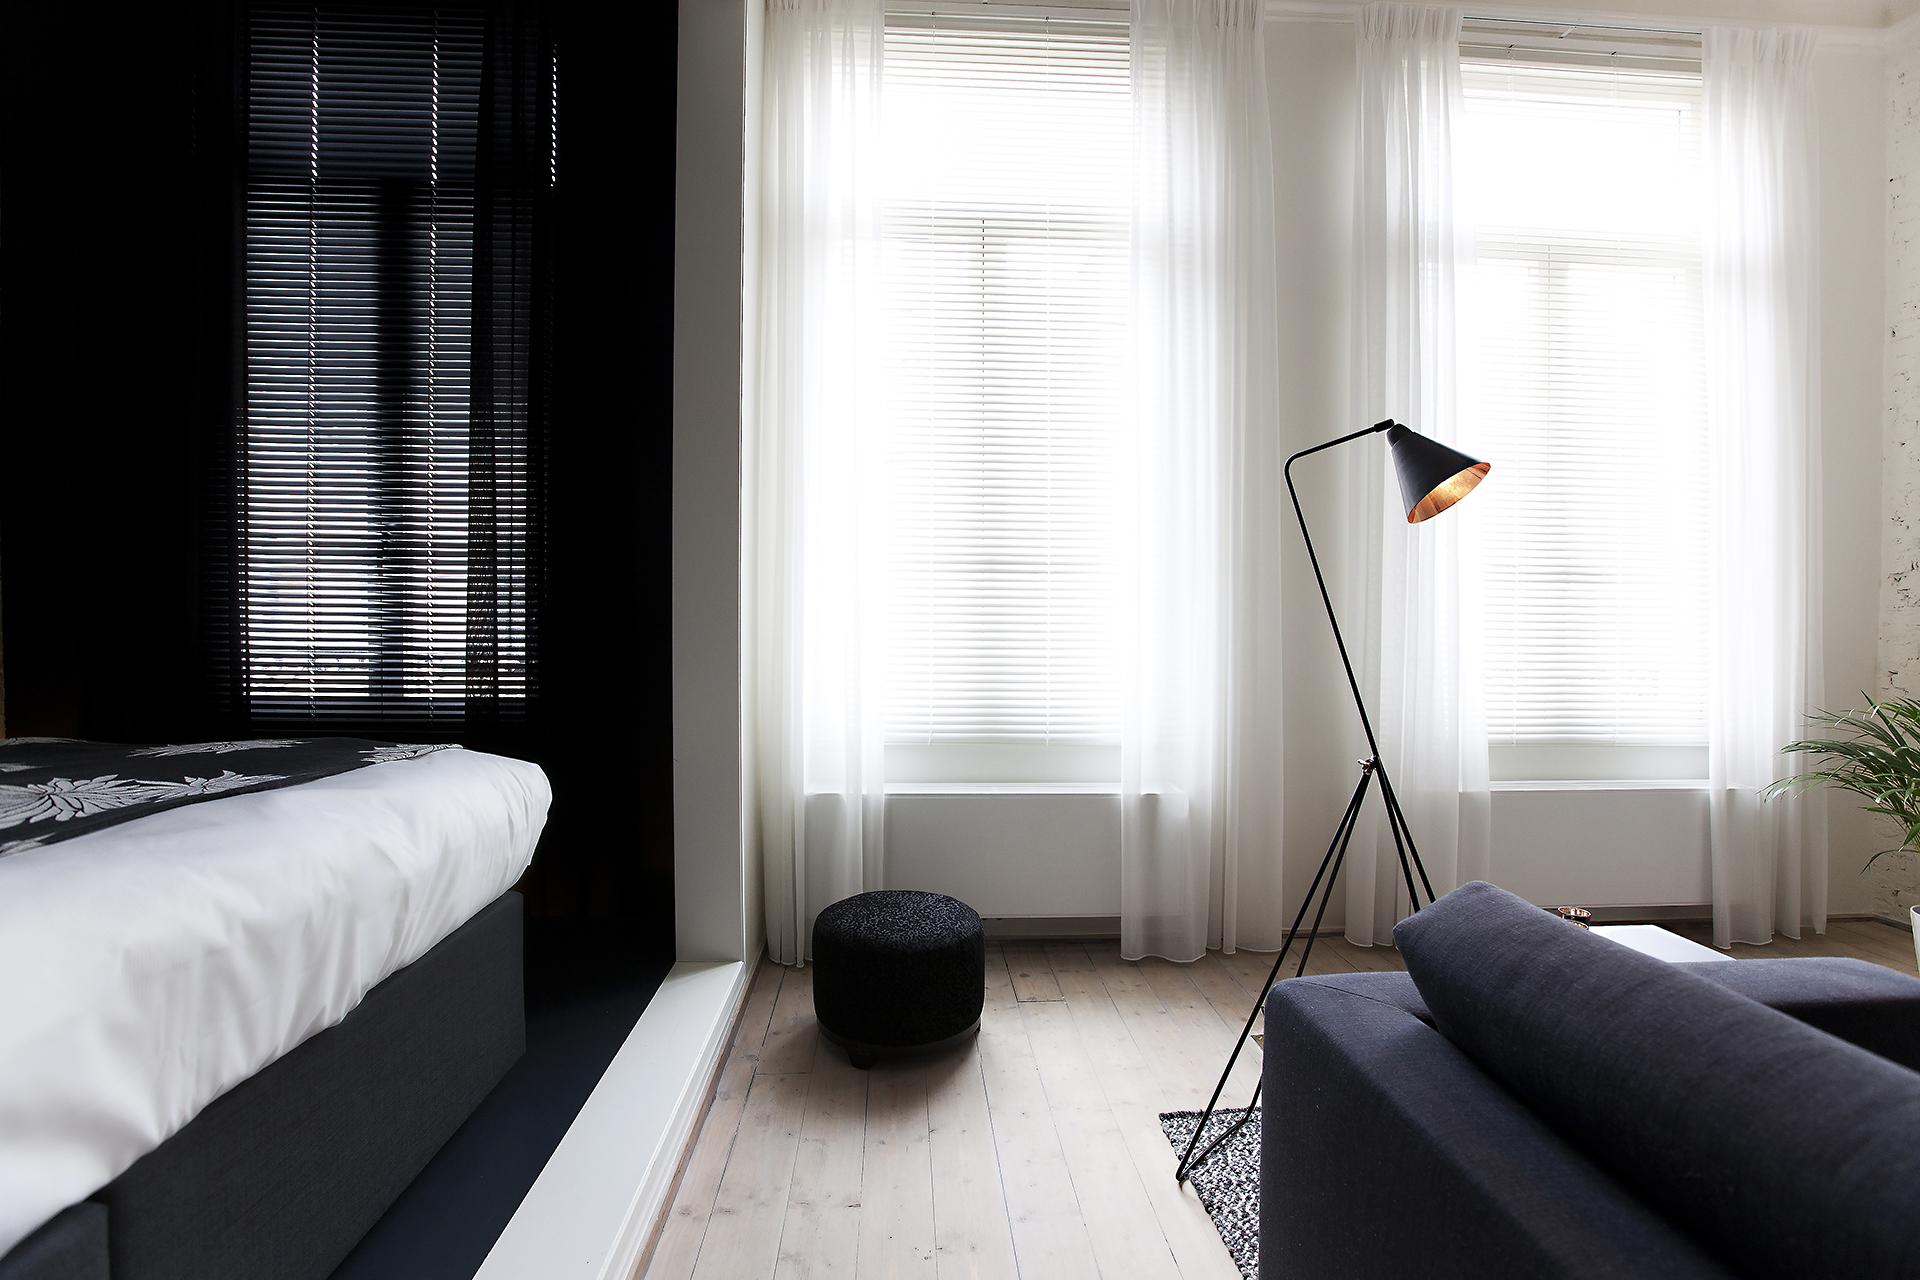 capaz-mirandakoopman-interieur-fotografie-maisonnationale-6700